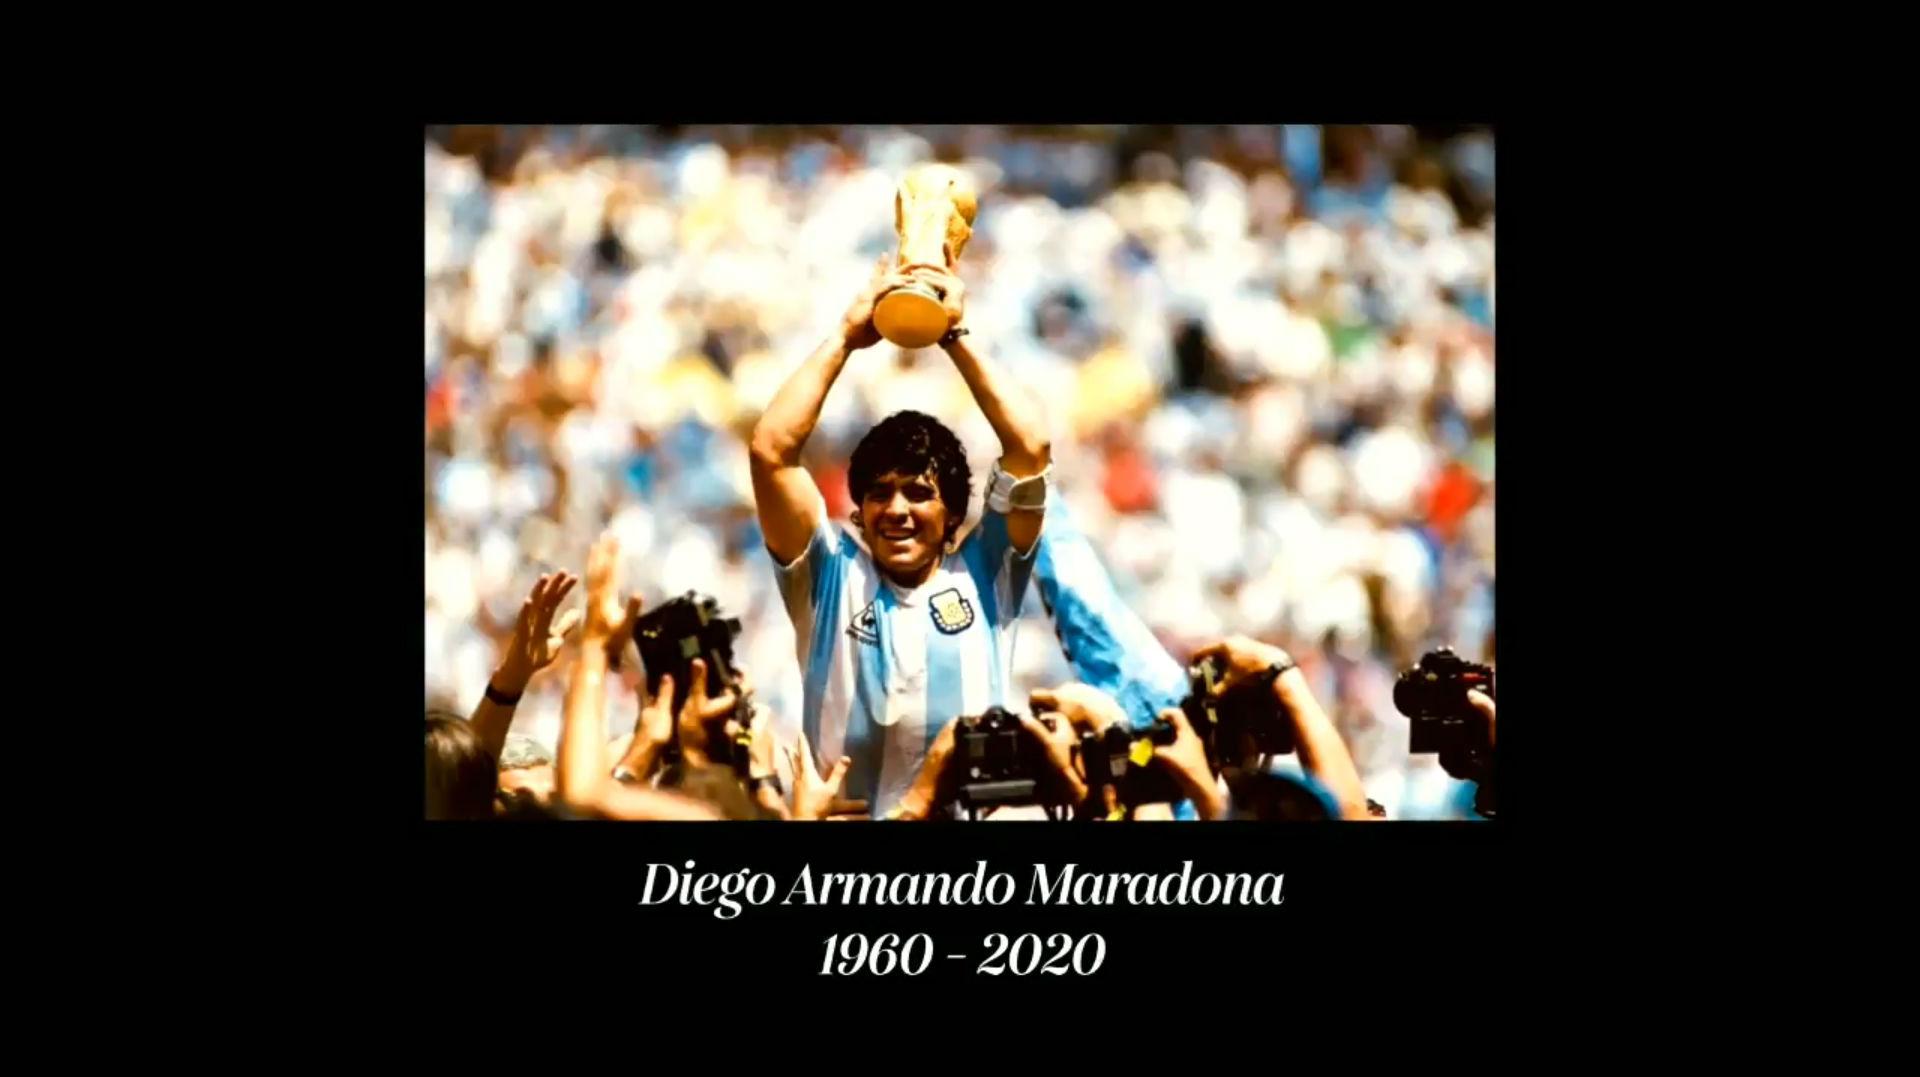 El vídeo homenaje definitivo a Maradona. No veremos nada igual